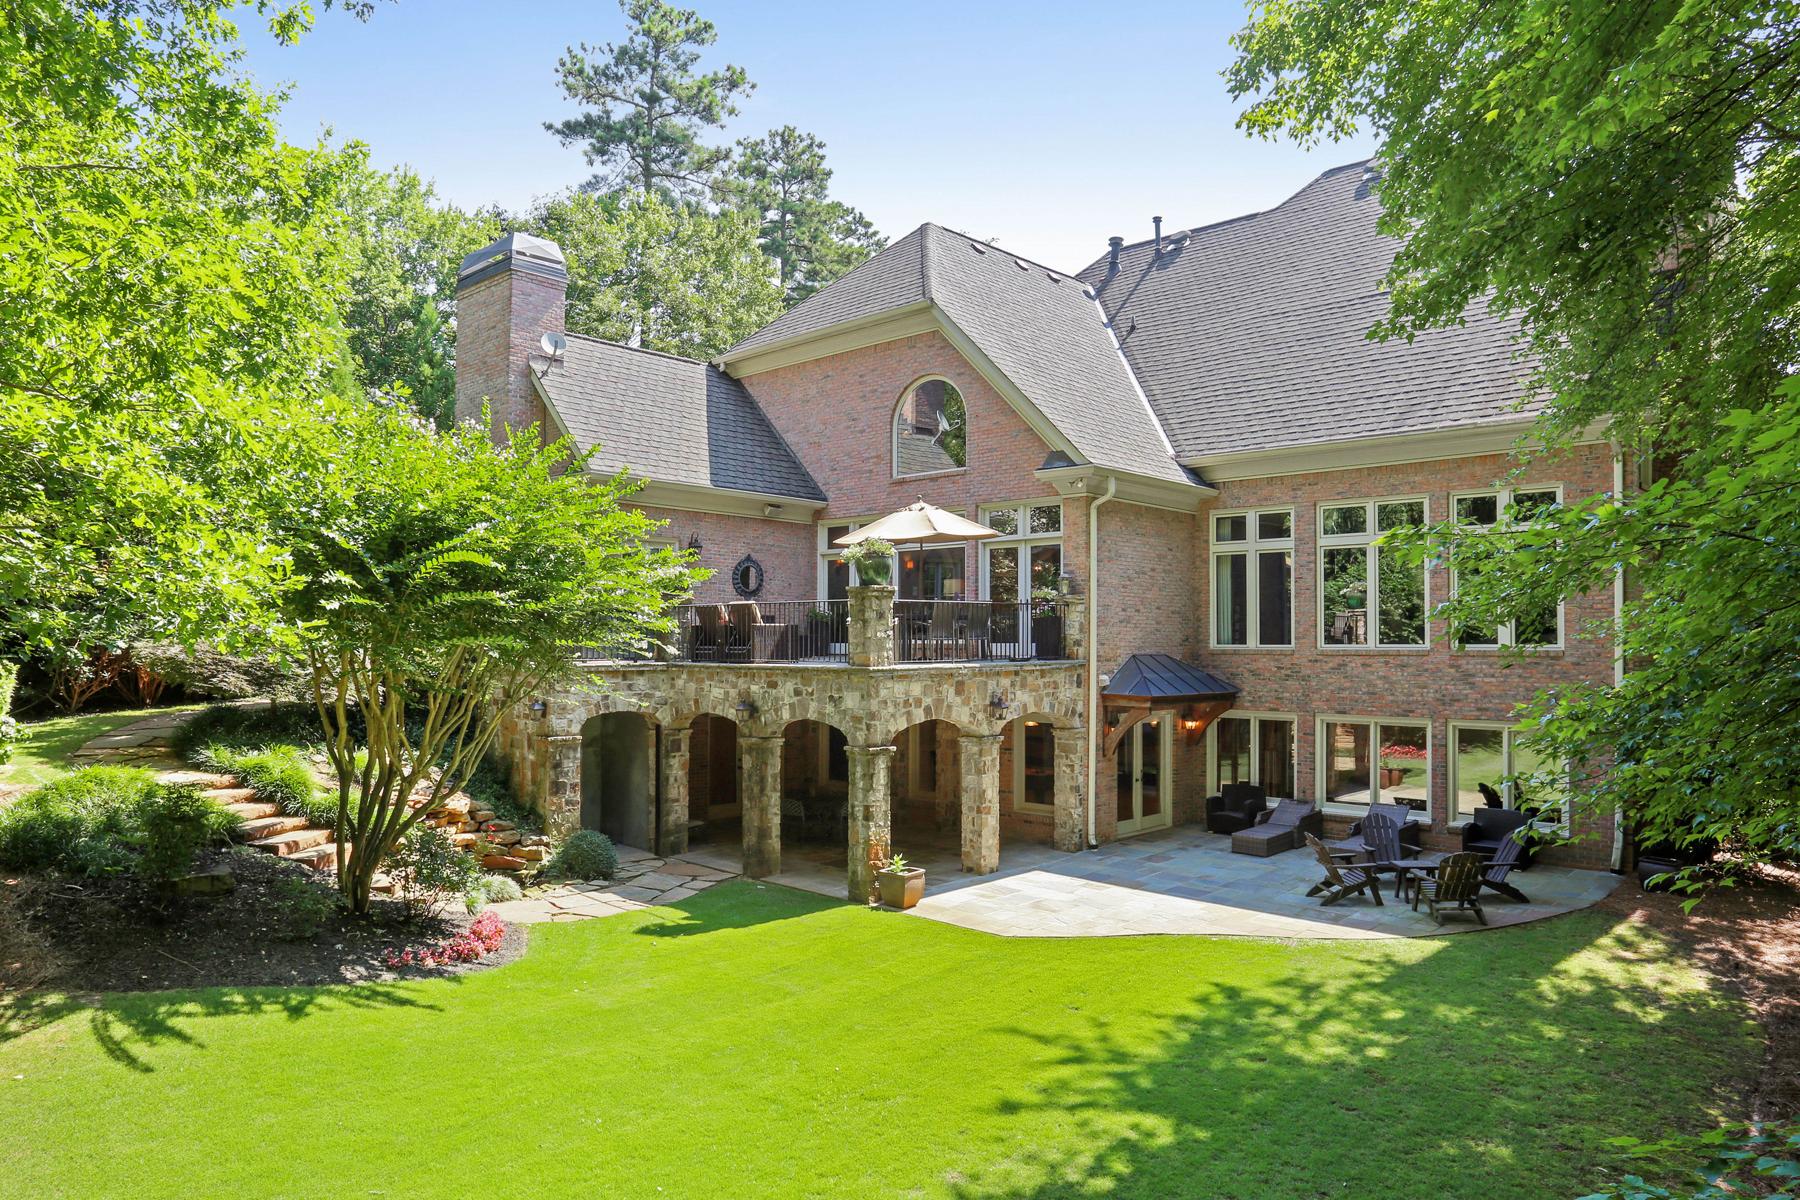 Maison unifamiliale pour l Vente à Exceptional Custom Built Country Club of the South Brick Estate Home 3977 Merriweather Woods Alpharetta, Georgia 30022 États-Unis